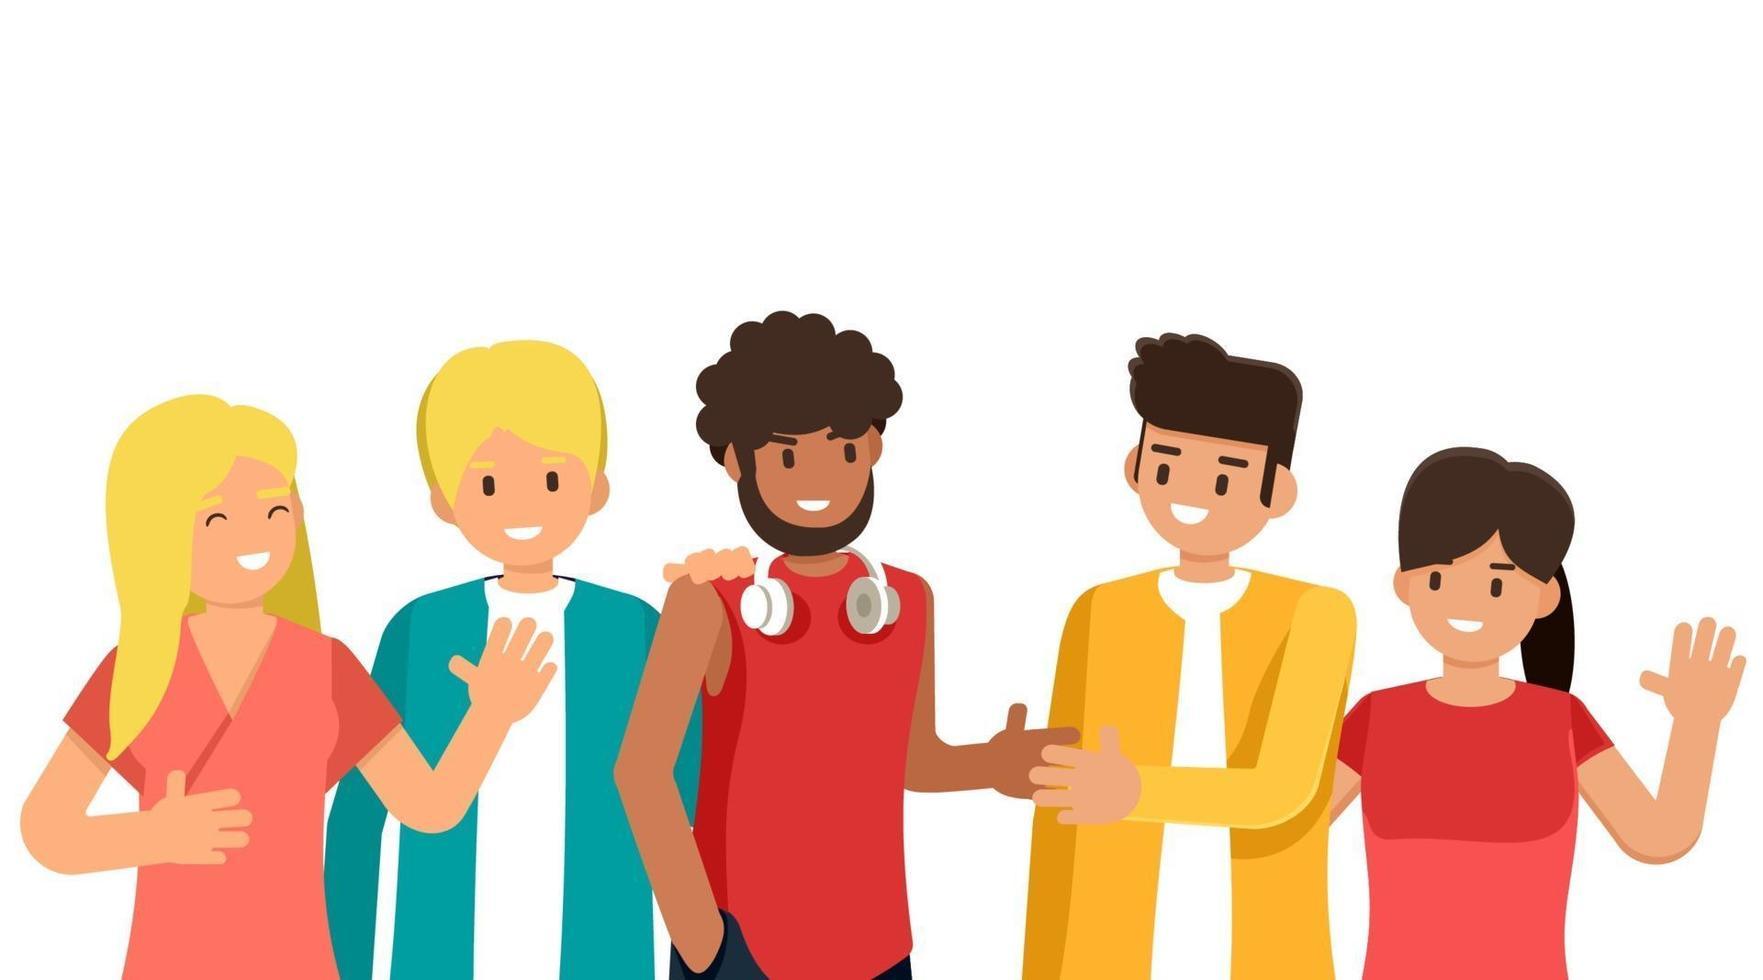 grupp ungdomar av olika raser och kulturer isolerad på vit bakgrund, platt seriefigurer, vektorillustration vektor